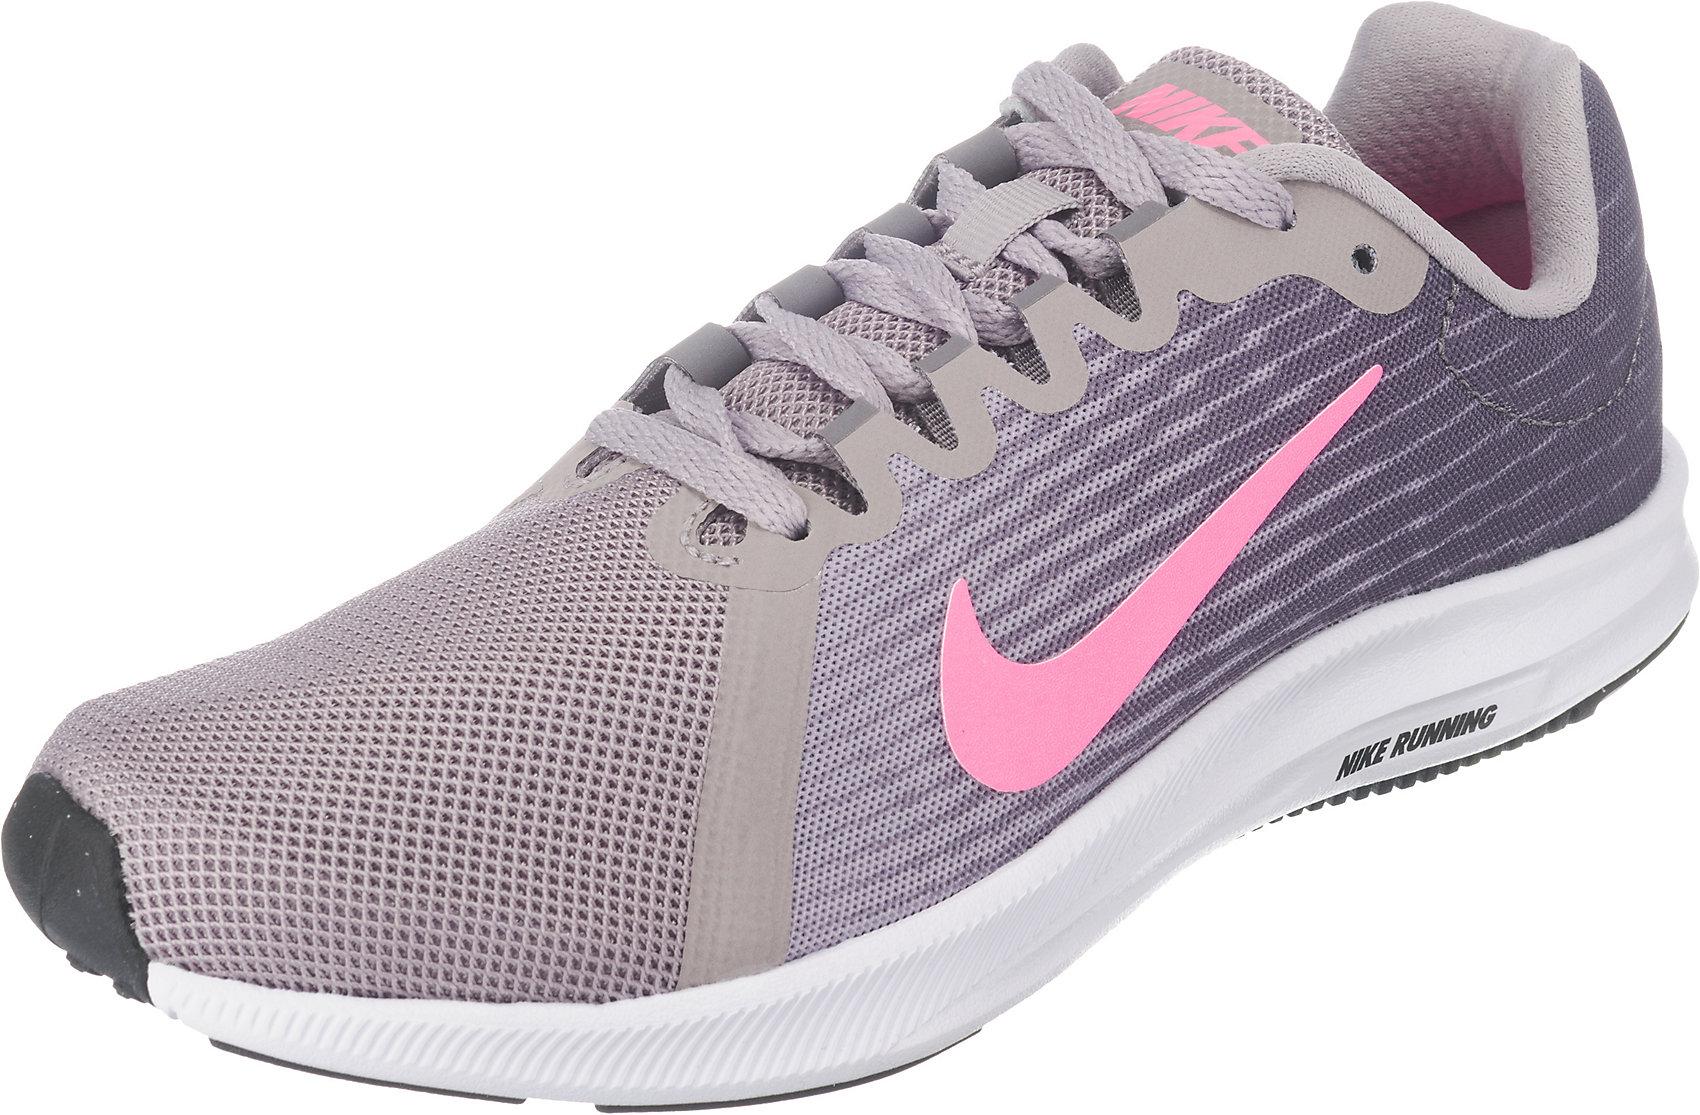 393a3573ec751 Neu Nike Performance Downshifter 8 Laufschuhe 7632245 für Damen